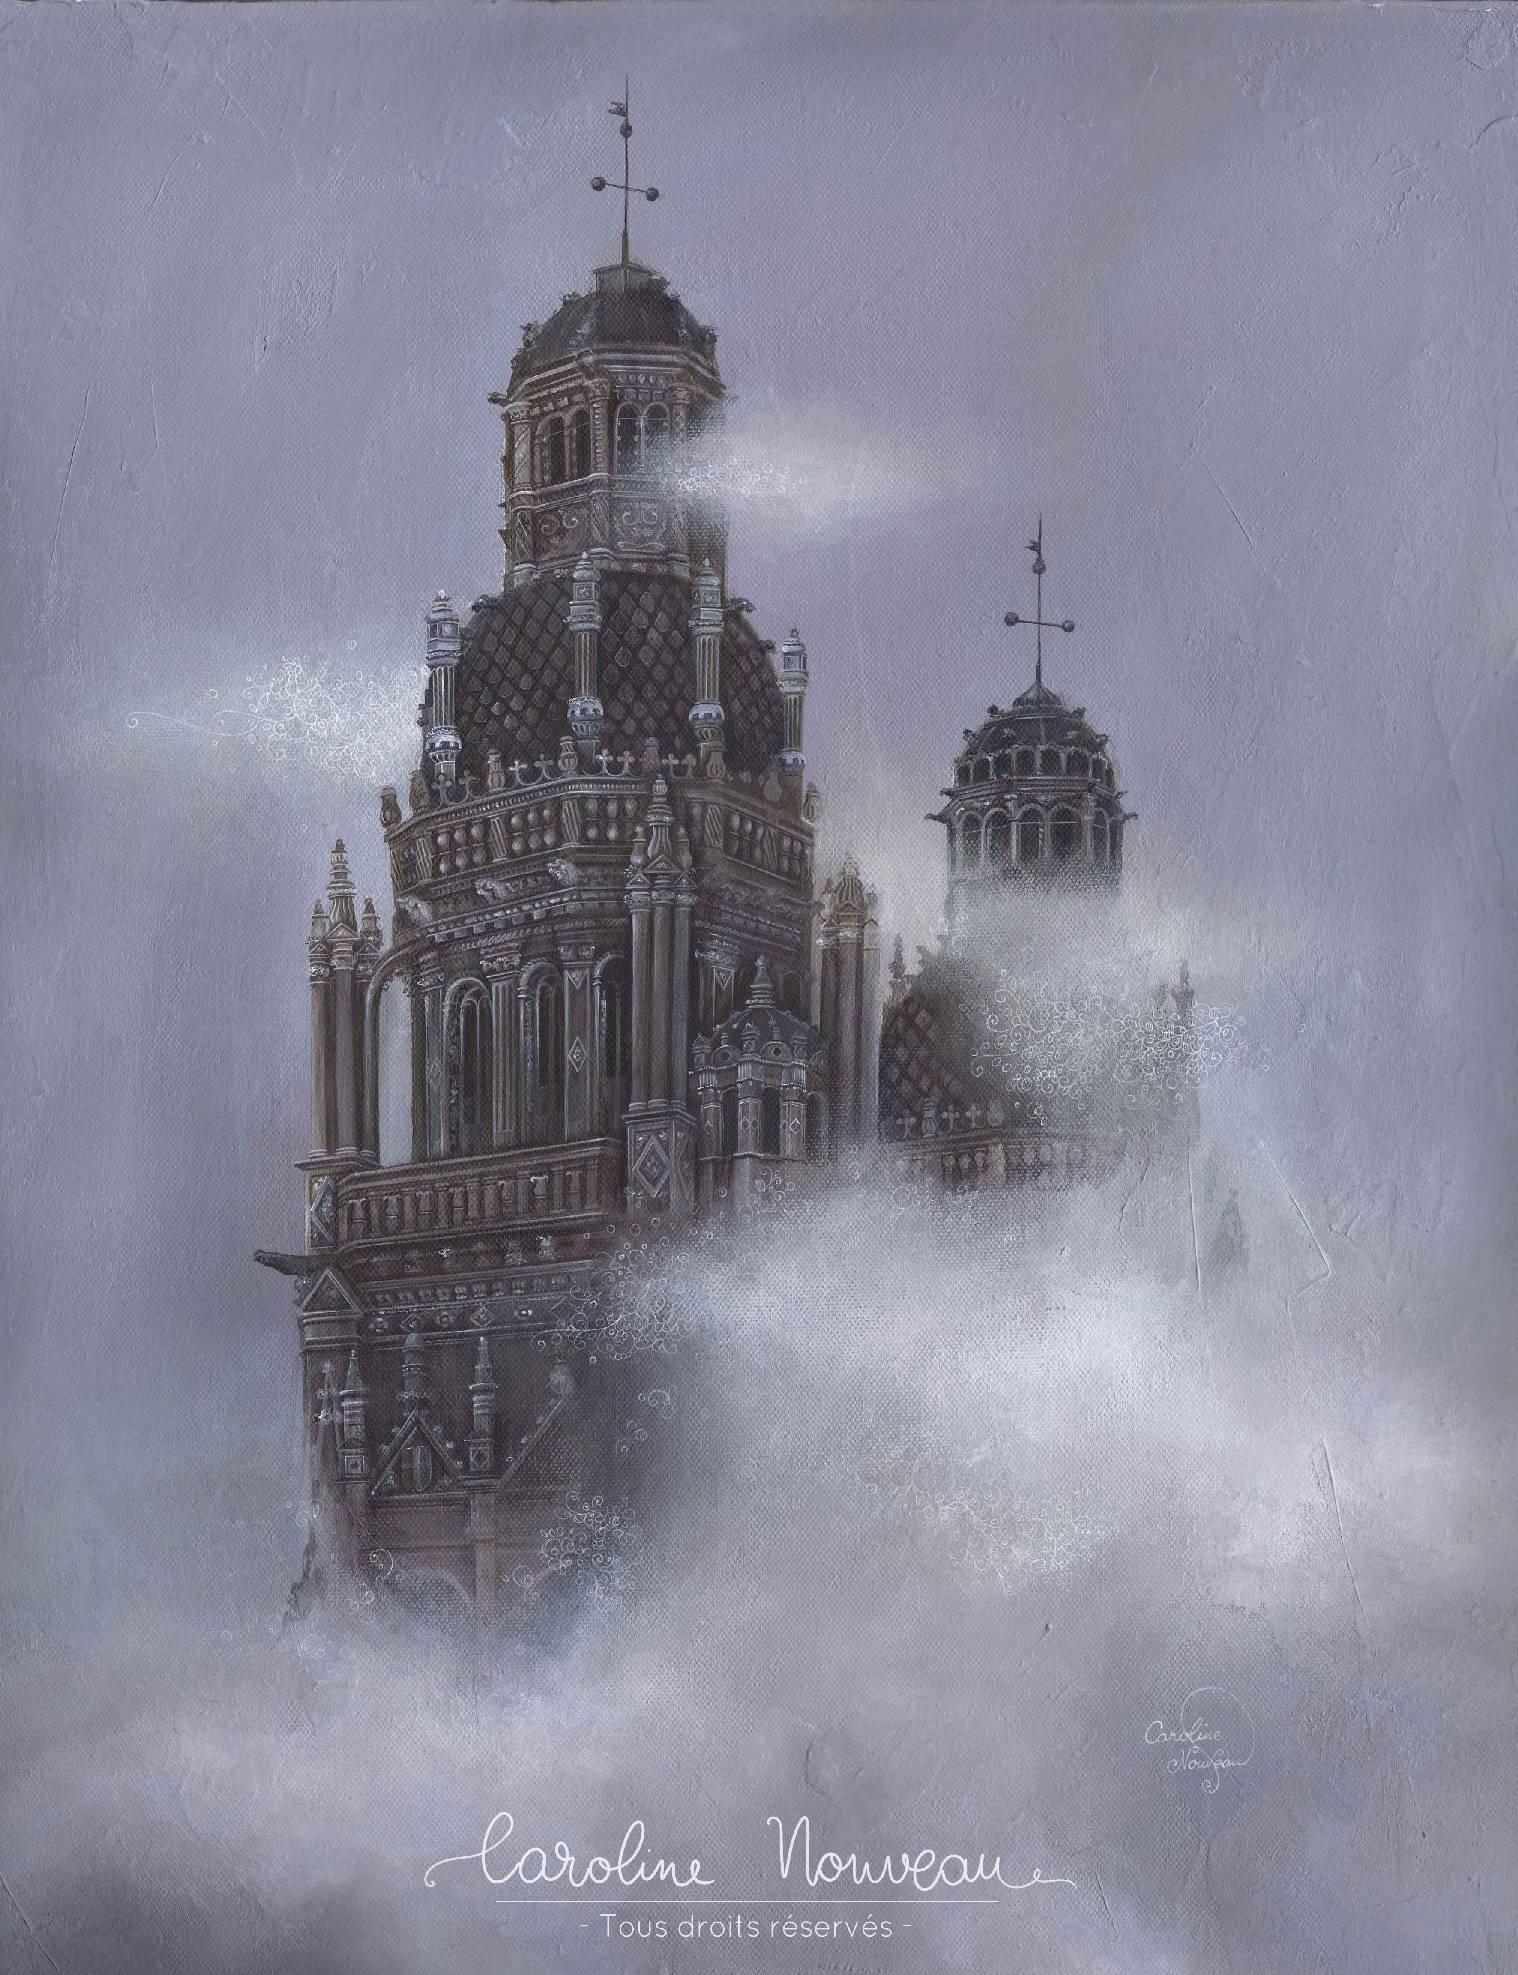 """""""Saint Gatien à travers les nuages"""" Acrylique sur toile - 50*65cm - 2015/2017 - Non disponible"""